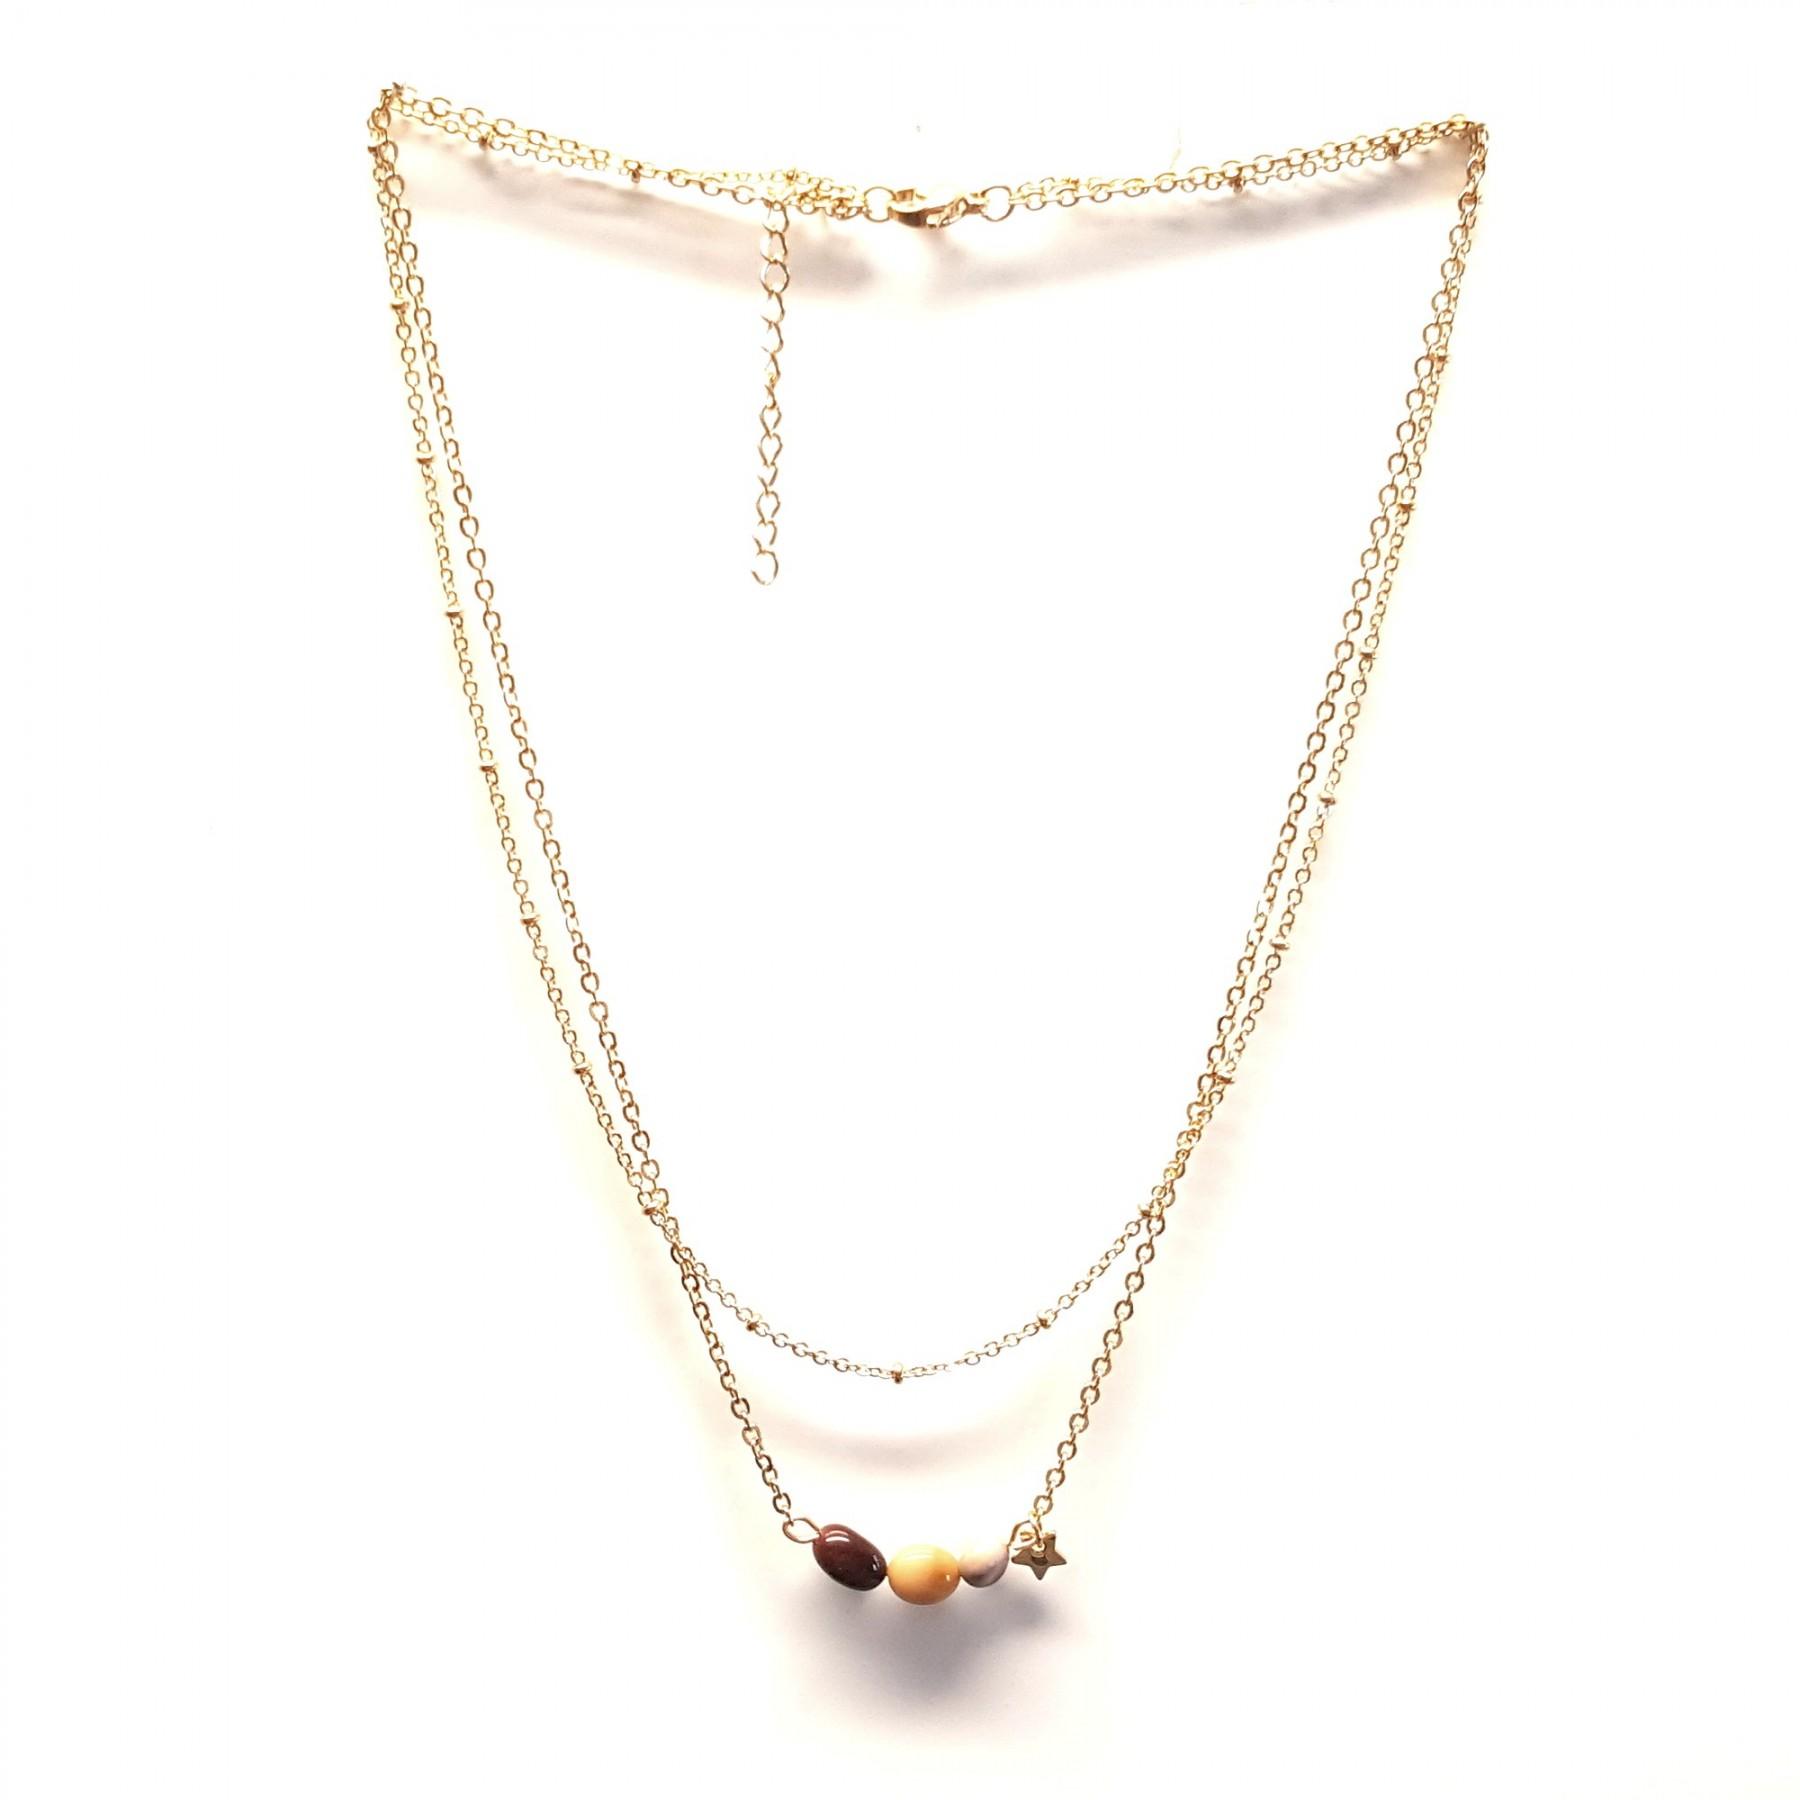 Collier double chaîne et 3 perles mookaïte